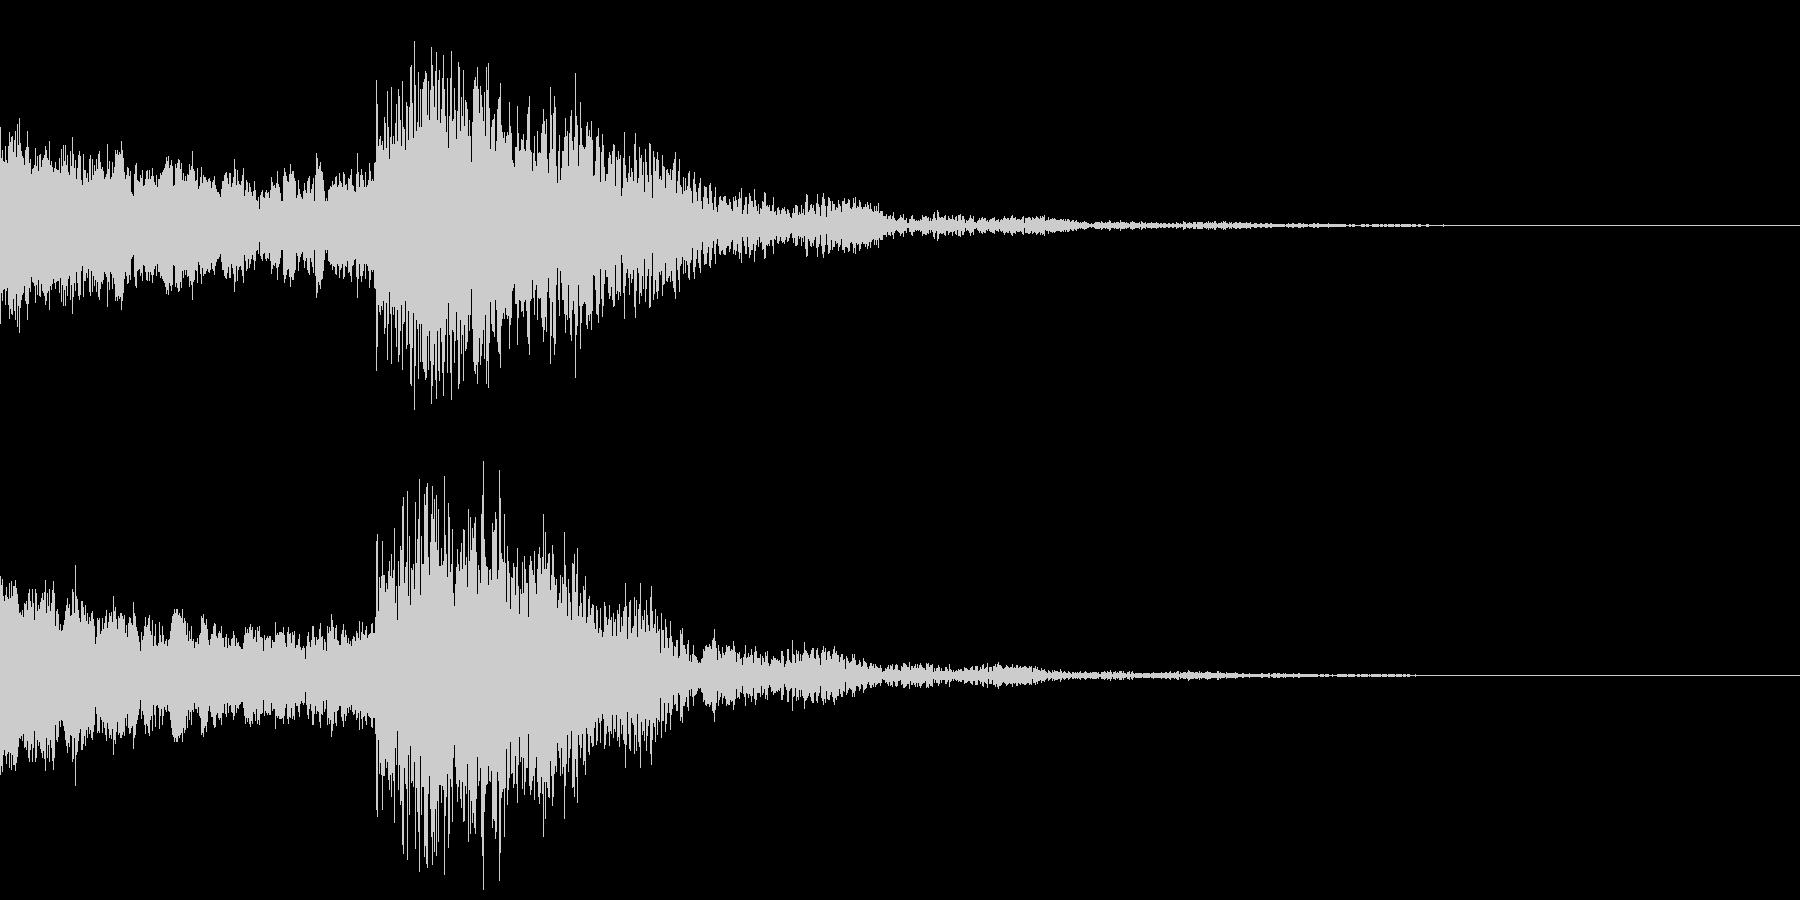 太鼓と尺八の和風インパクトジングル!13の未再生の波形